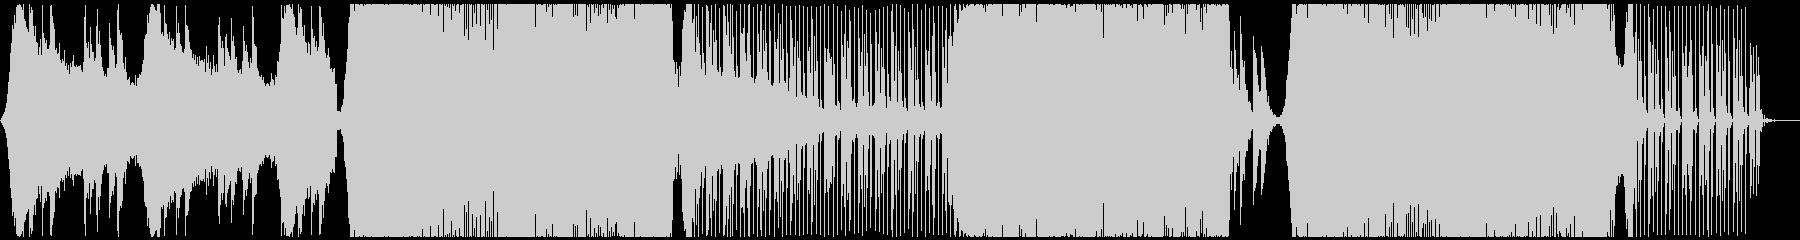 大自然に想いを馳せるクールなトランス曲の未再生の波形